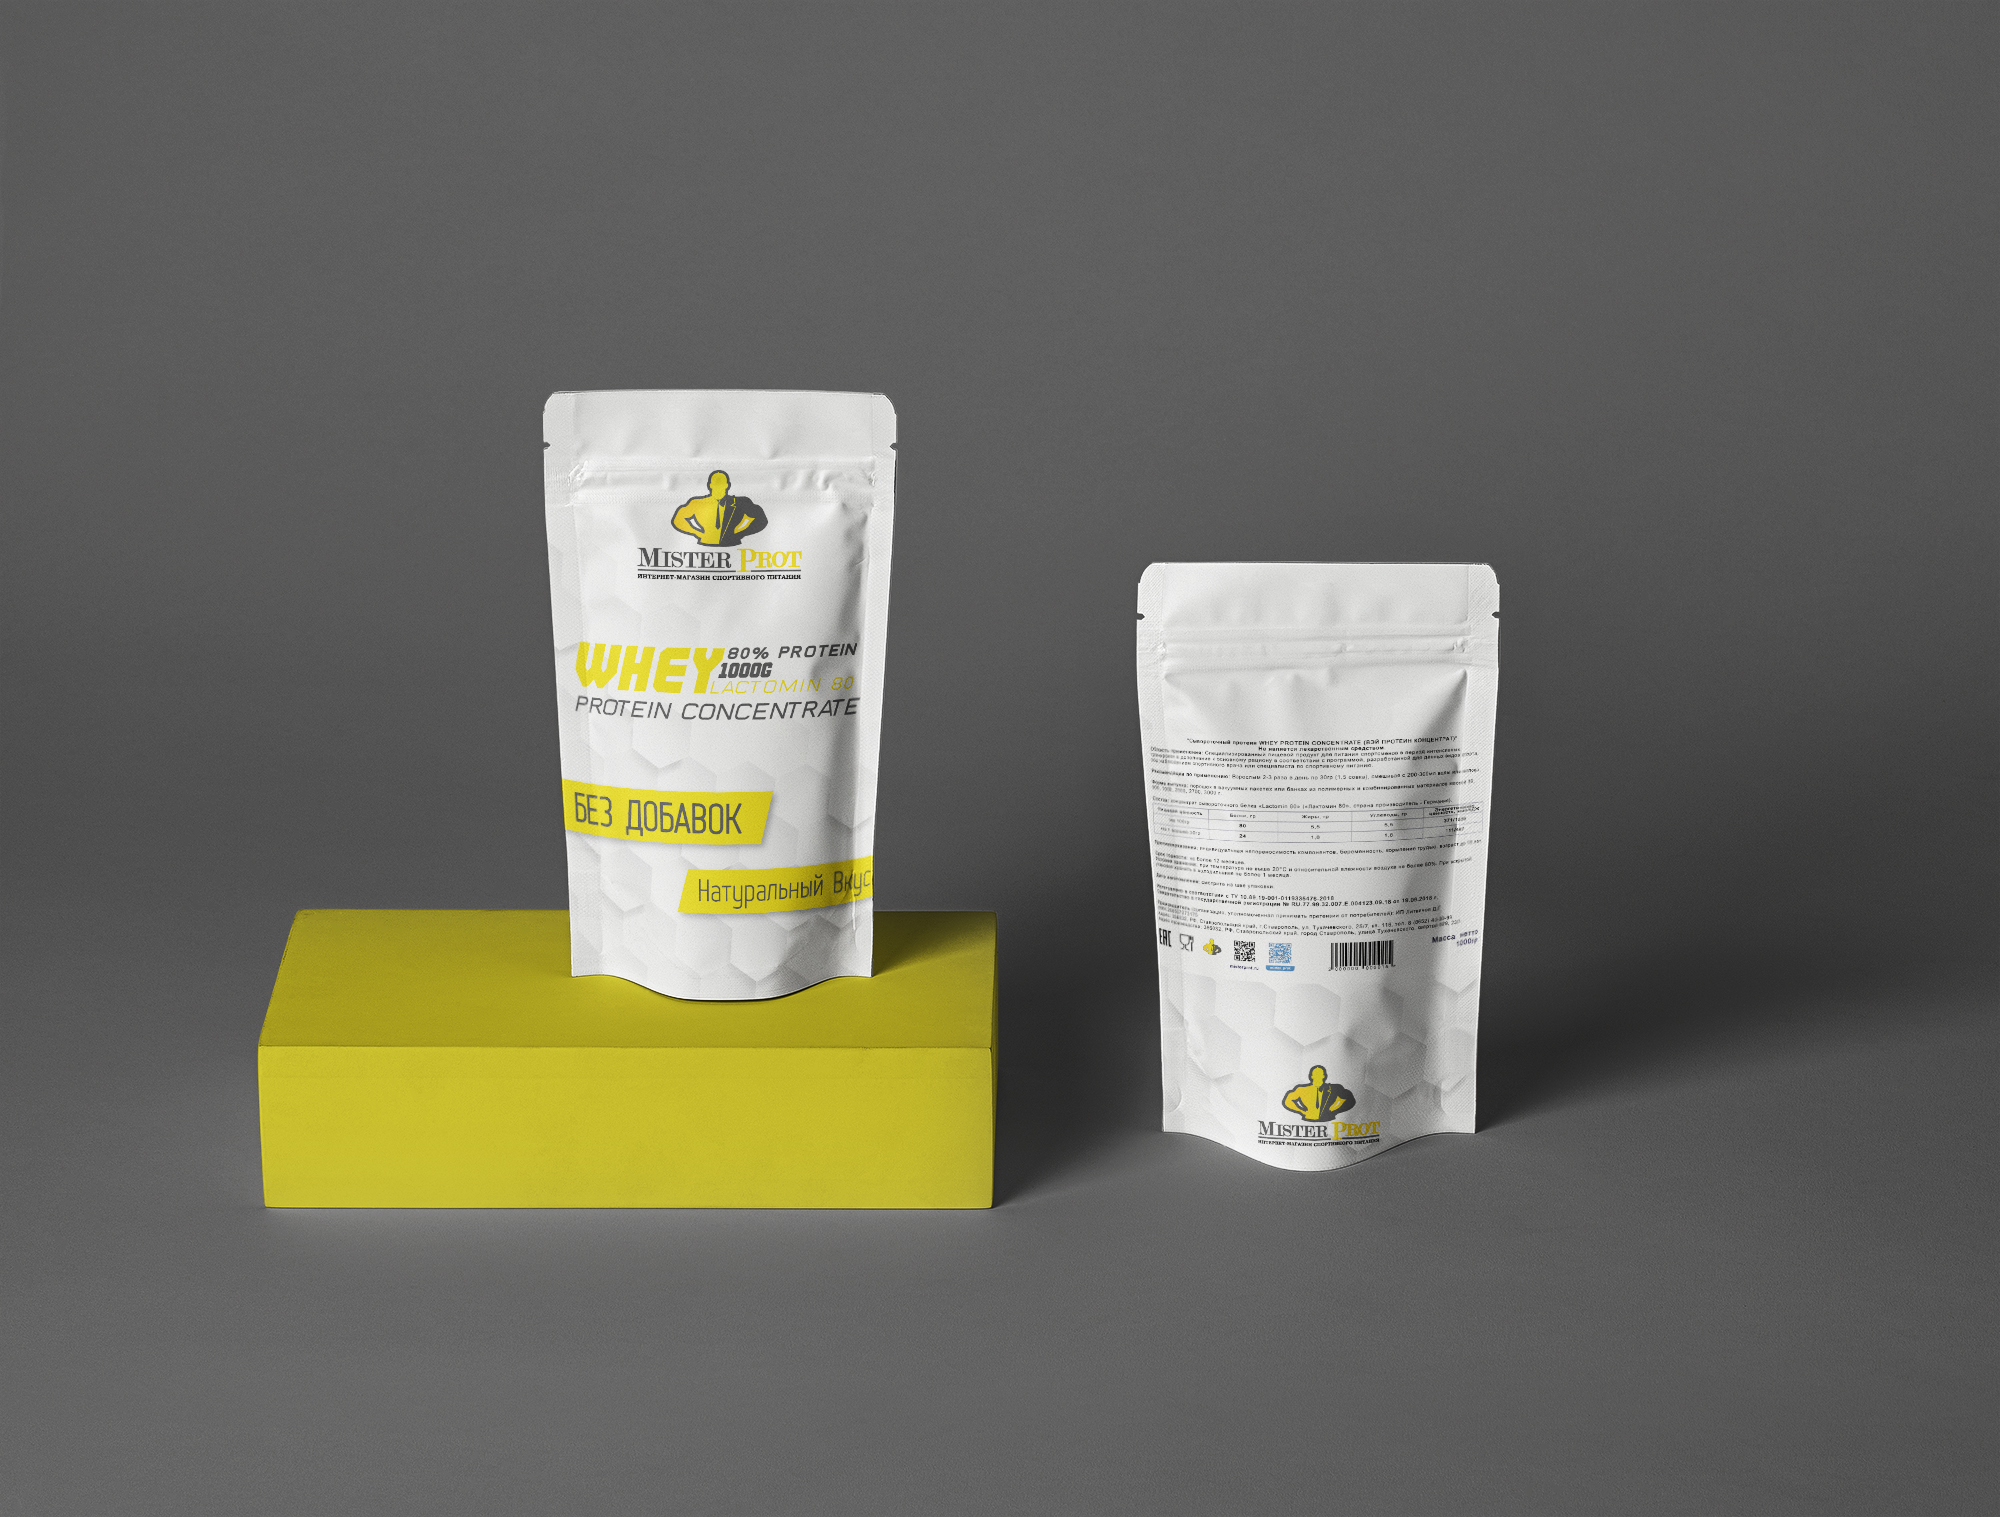 Разработка дизайна пакета для спортивного питания. фото f_6345f1cc7a00ed90.jpg